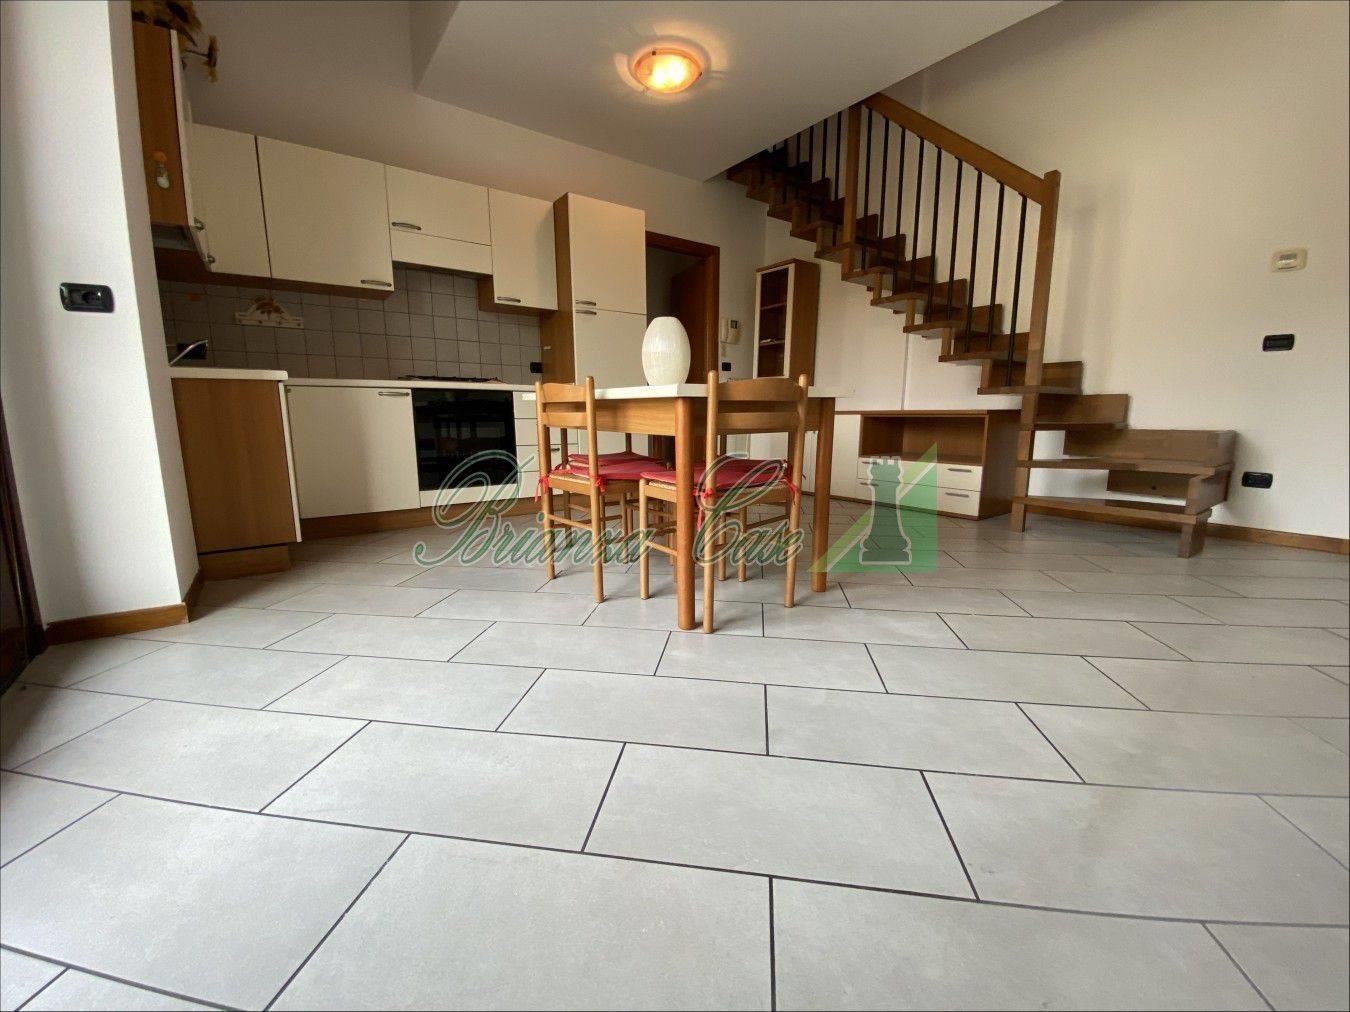 Foto 3 - Appartamento in Vendita - Arcore (Monza e Brianza)